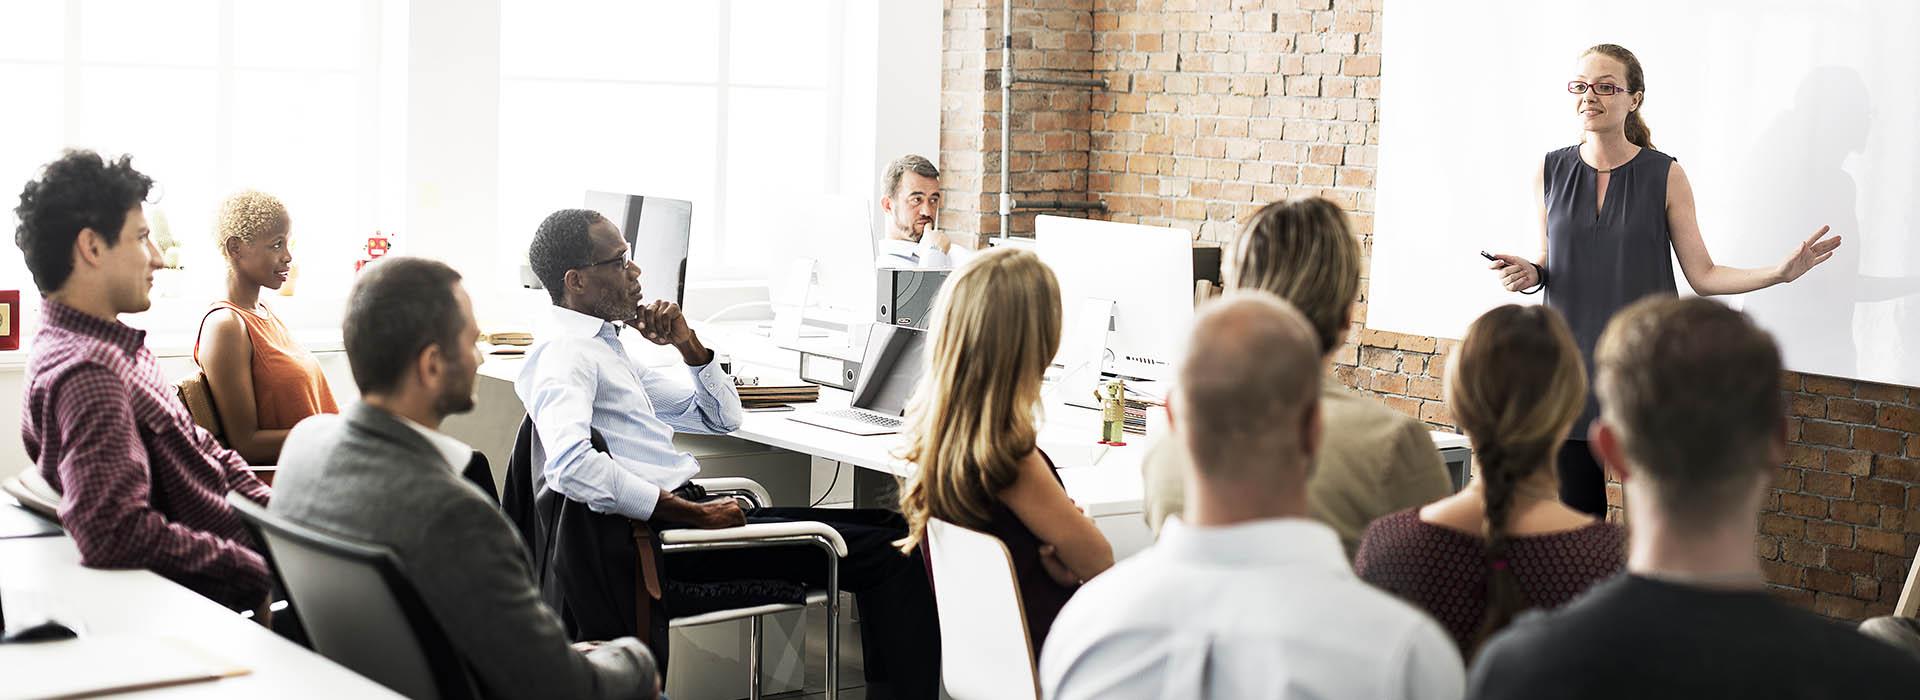 Anmeldung E-Marketing Manager Schulung